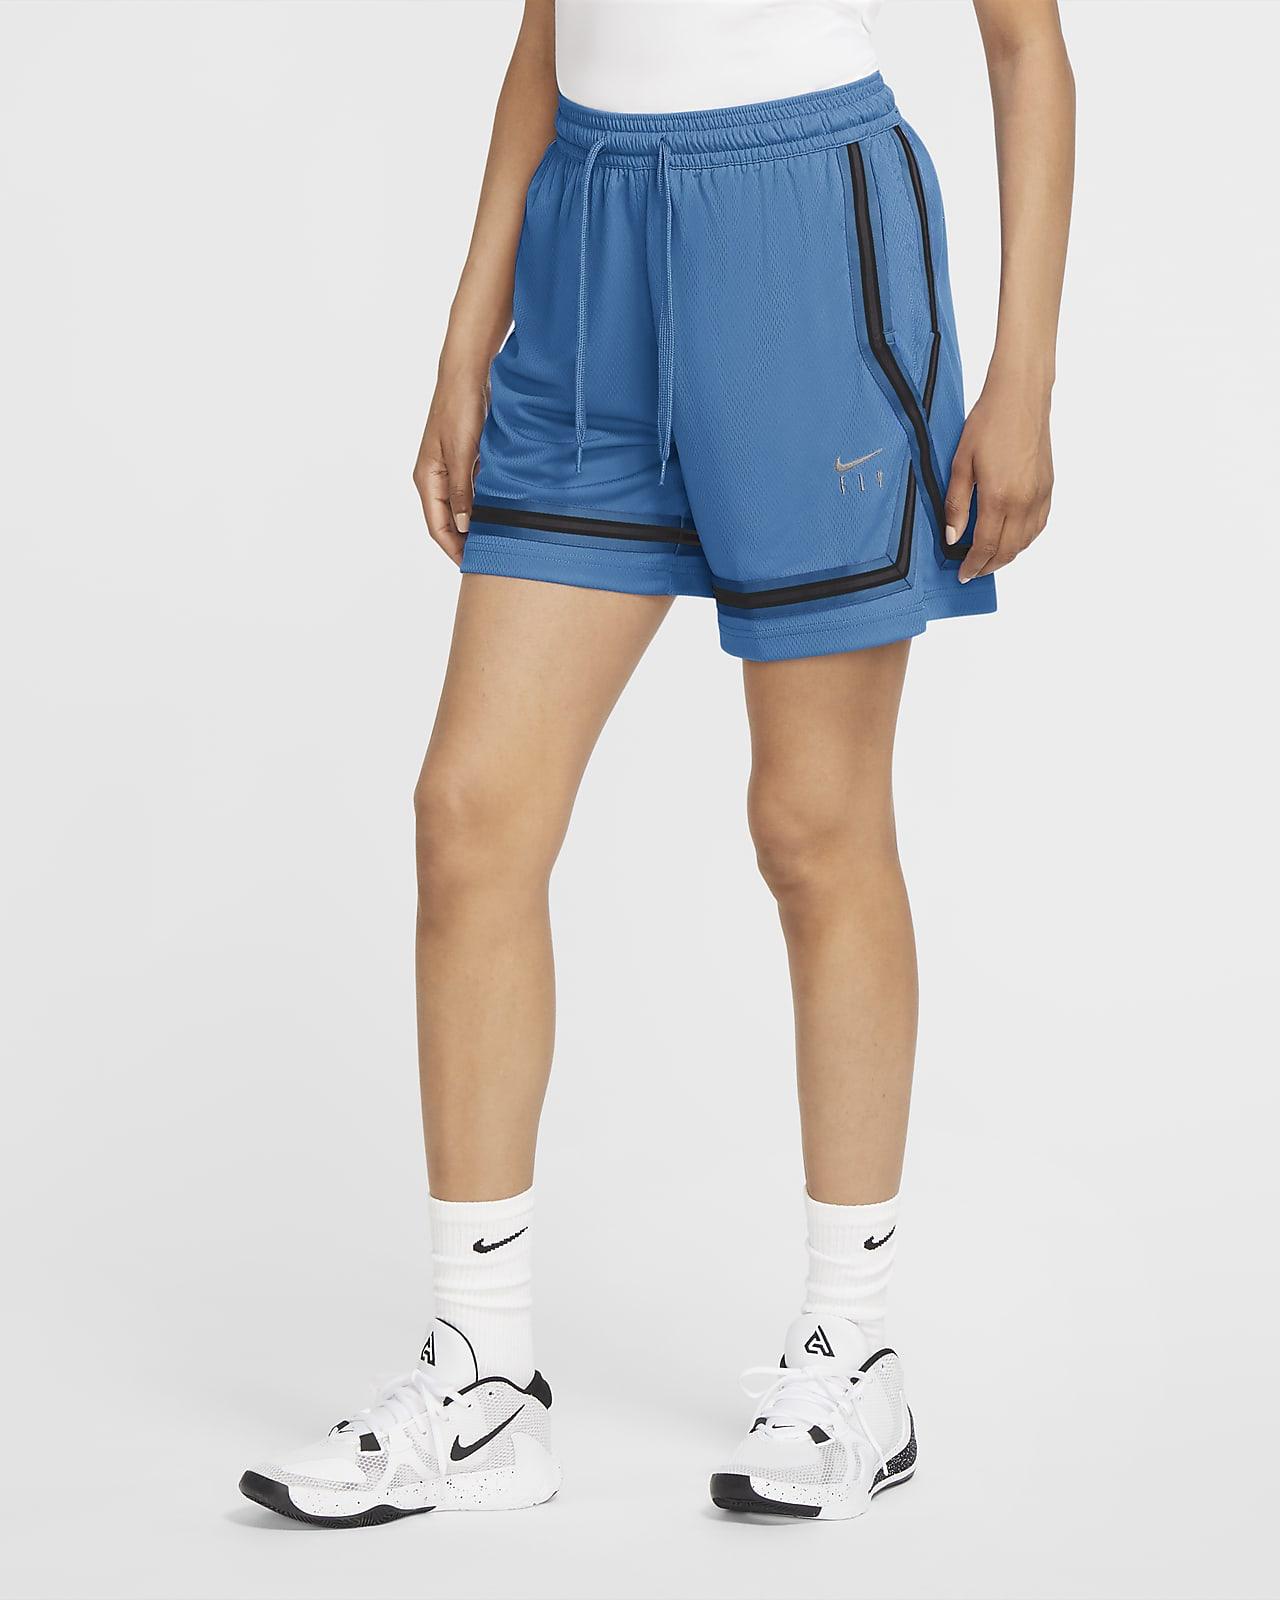 Calções de basquetebol Nike Dri-FIT Swoosh Fly para mulher